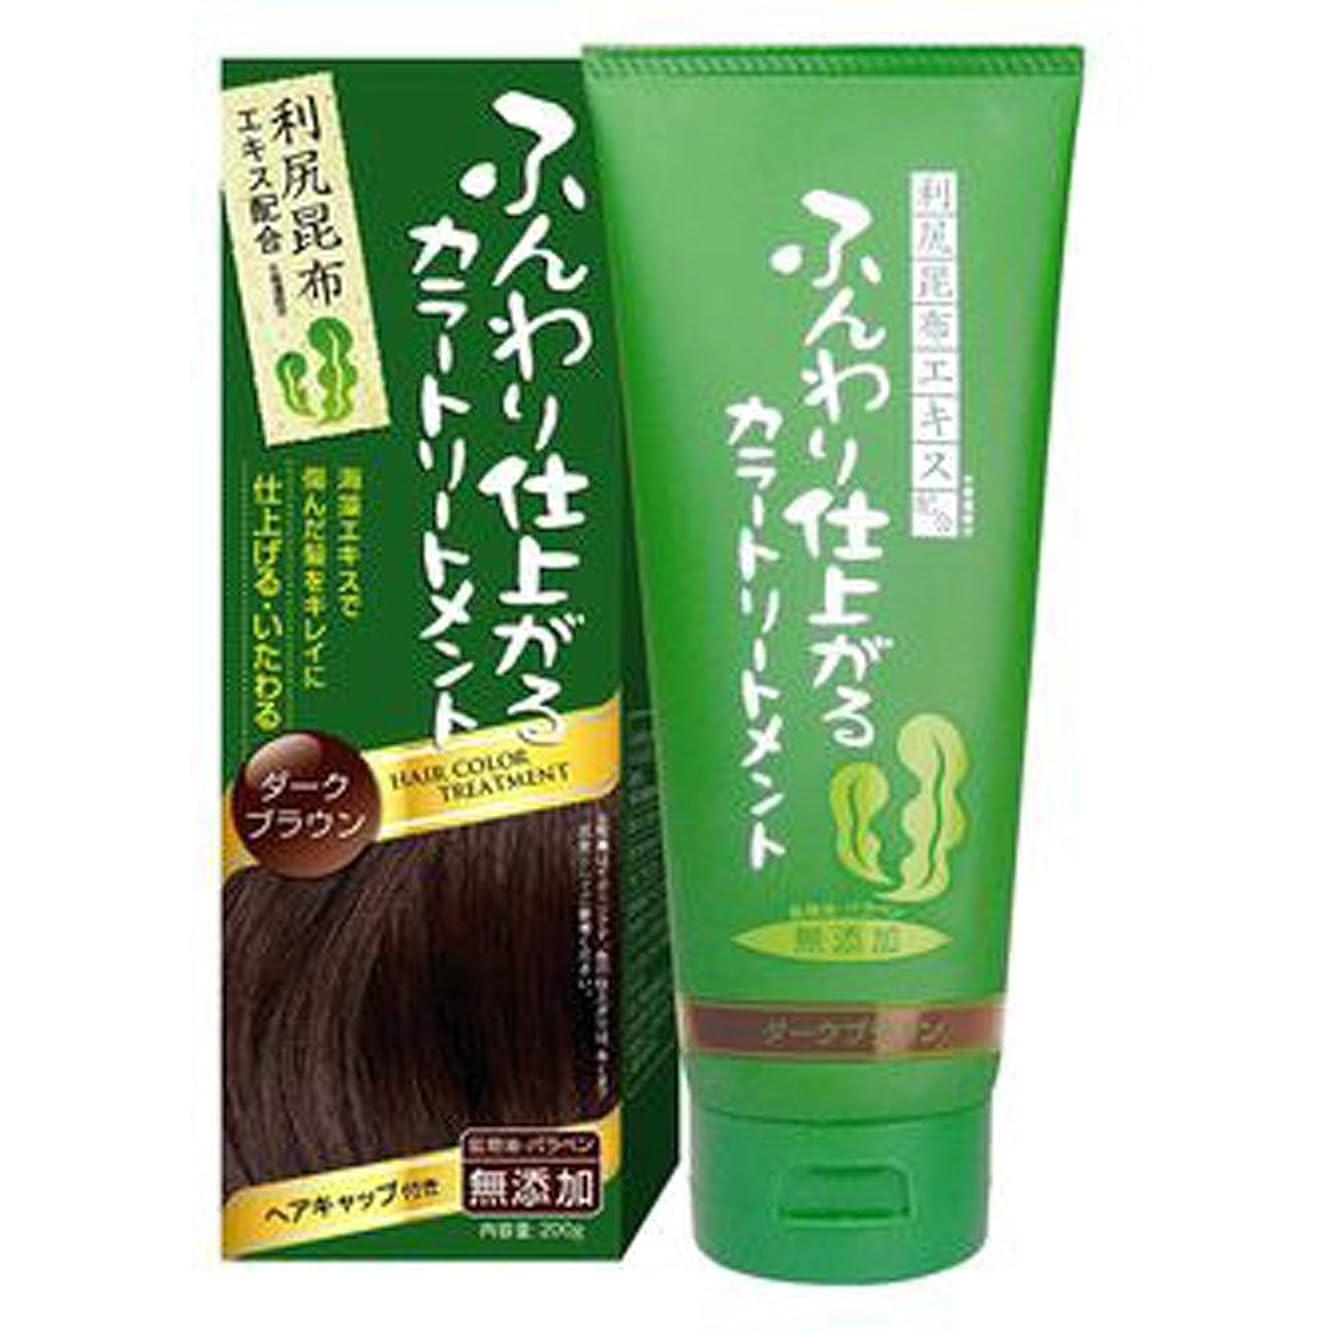 コーチプラカード一ふんわり仕上がるカラートリートメント 白髪 染め 保湿 利尻昆布エキス配合 ヘアカラー (200g ダークブラウン) rishiri-haircolor-200g-dbr